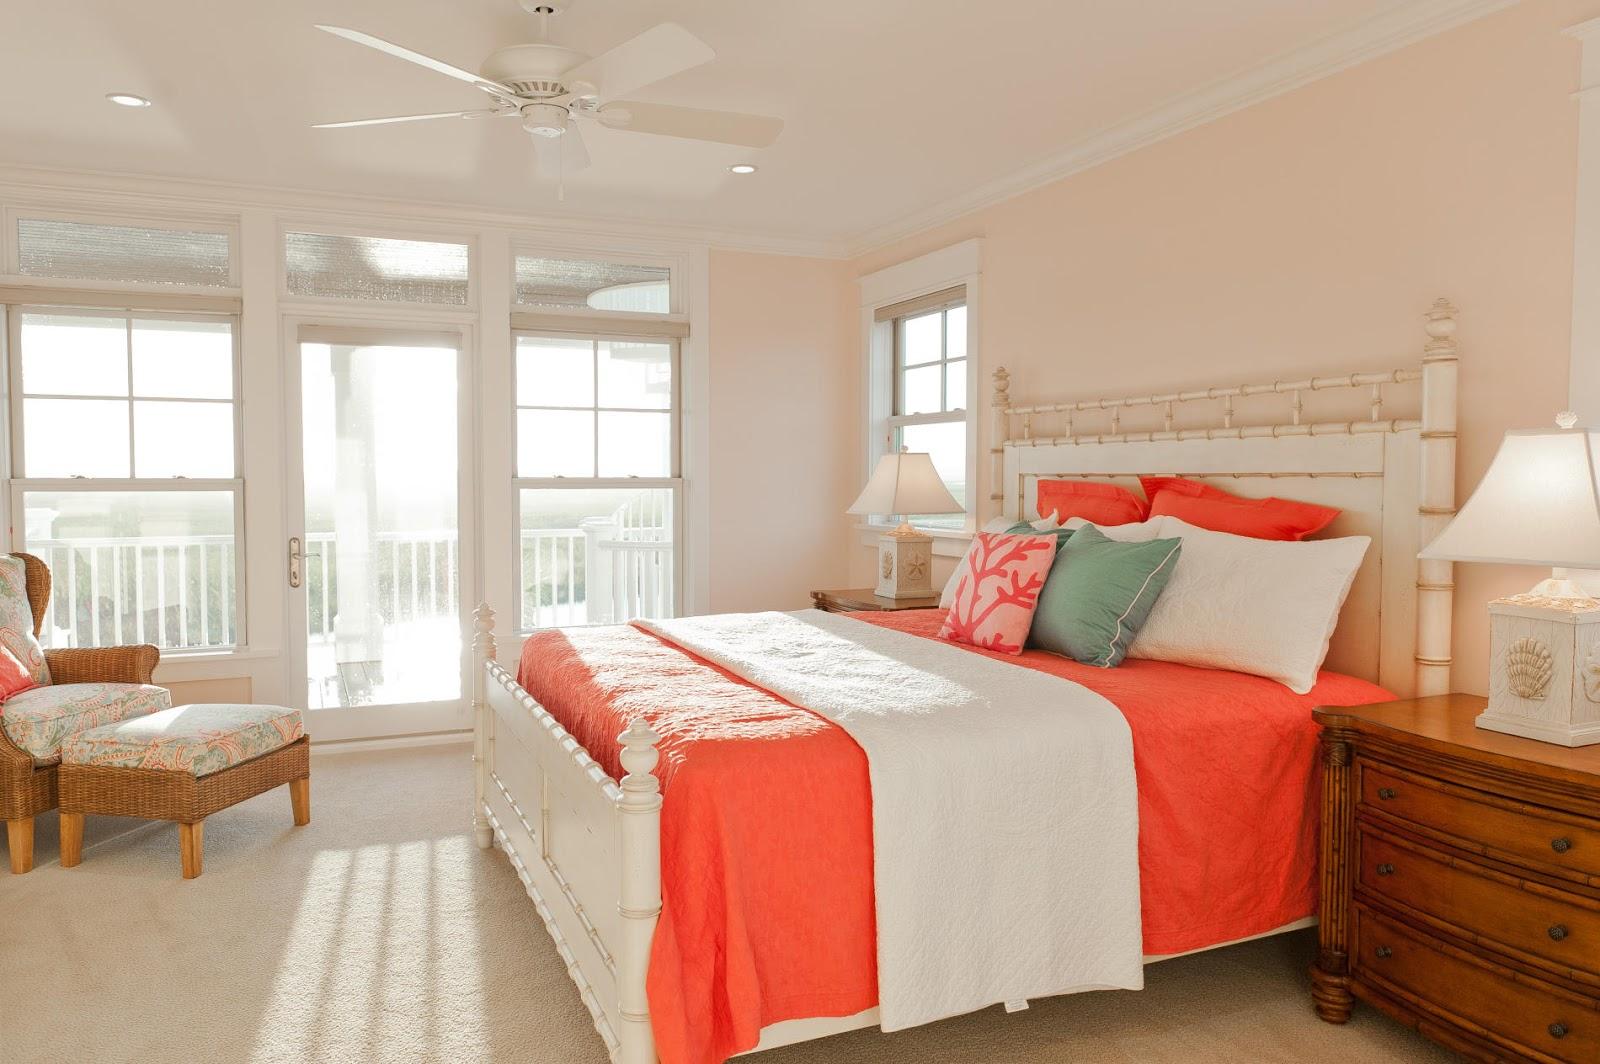 Яркий коралловый и белый цвета в спальне